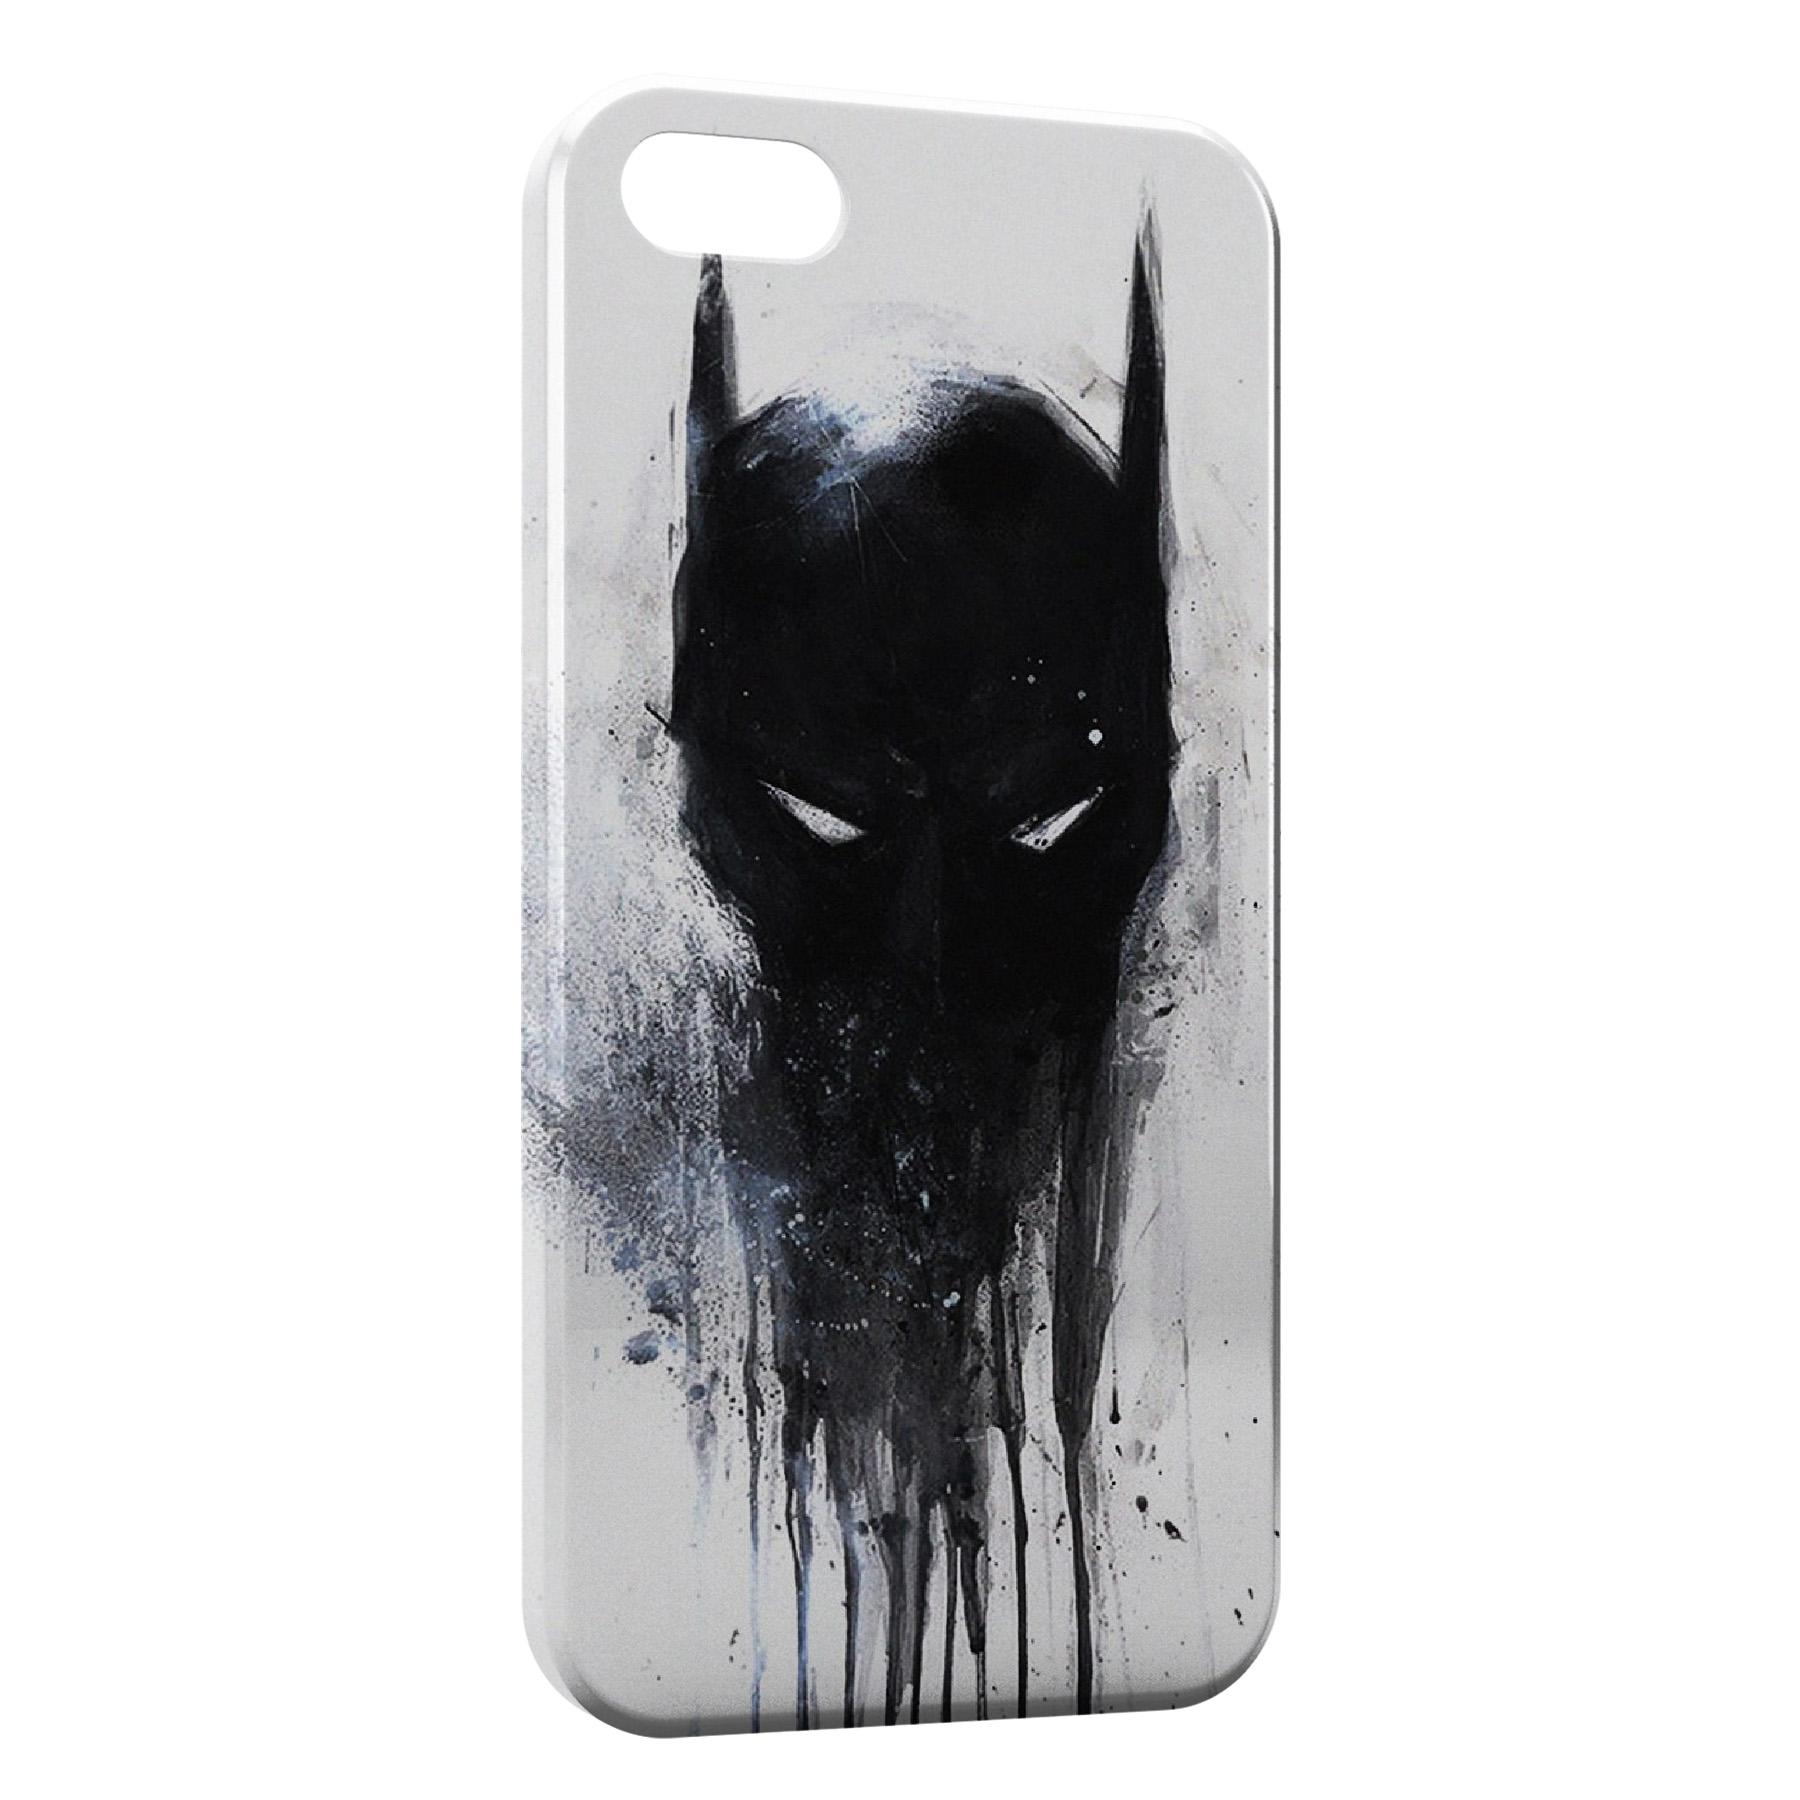 Coque iPhone 7 7 Plus Batman Graff Design